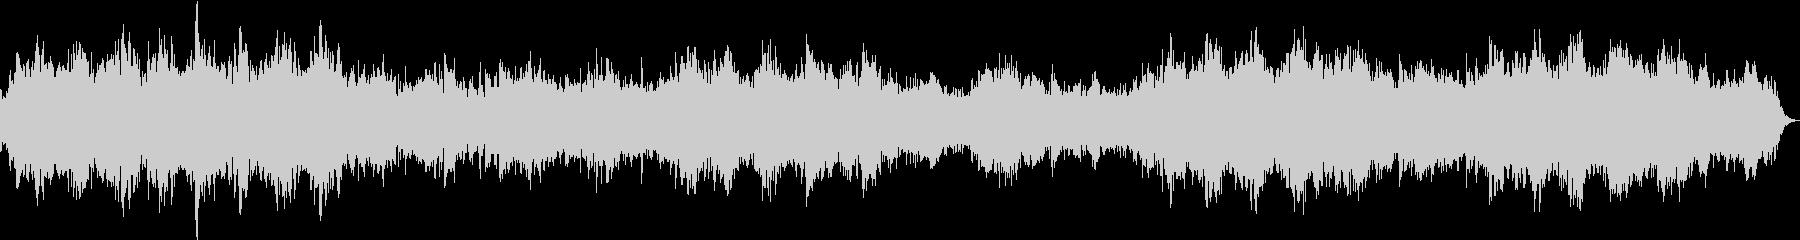 ピアノと壮大なシンセの感動的なバラード3の未再生の波形